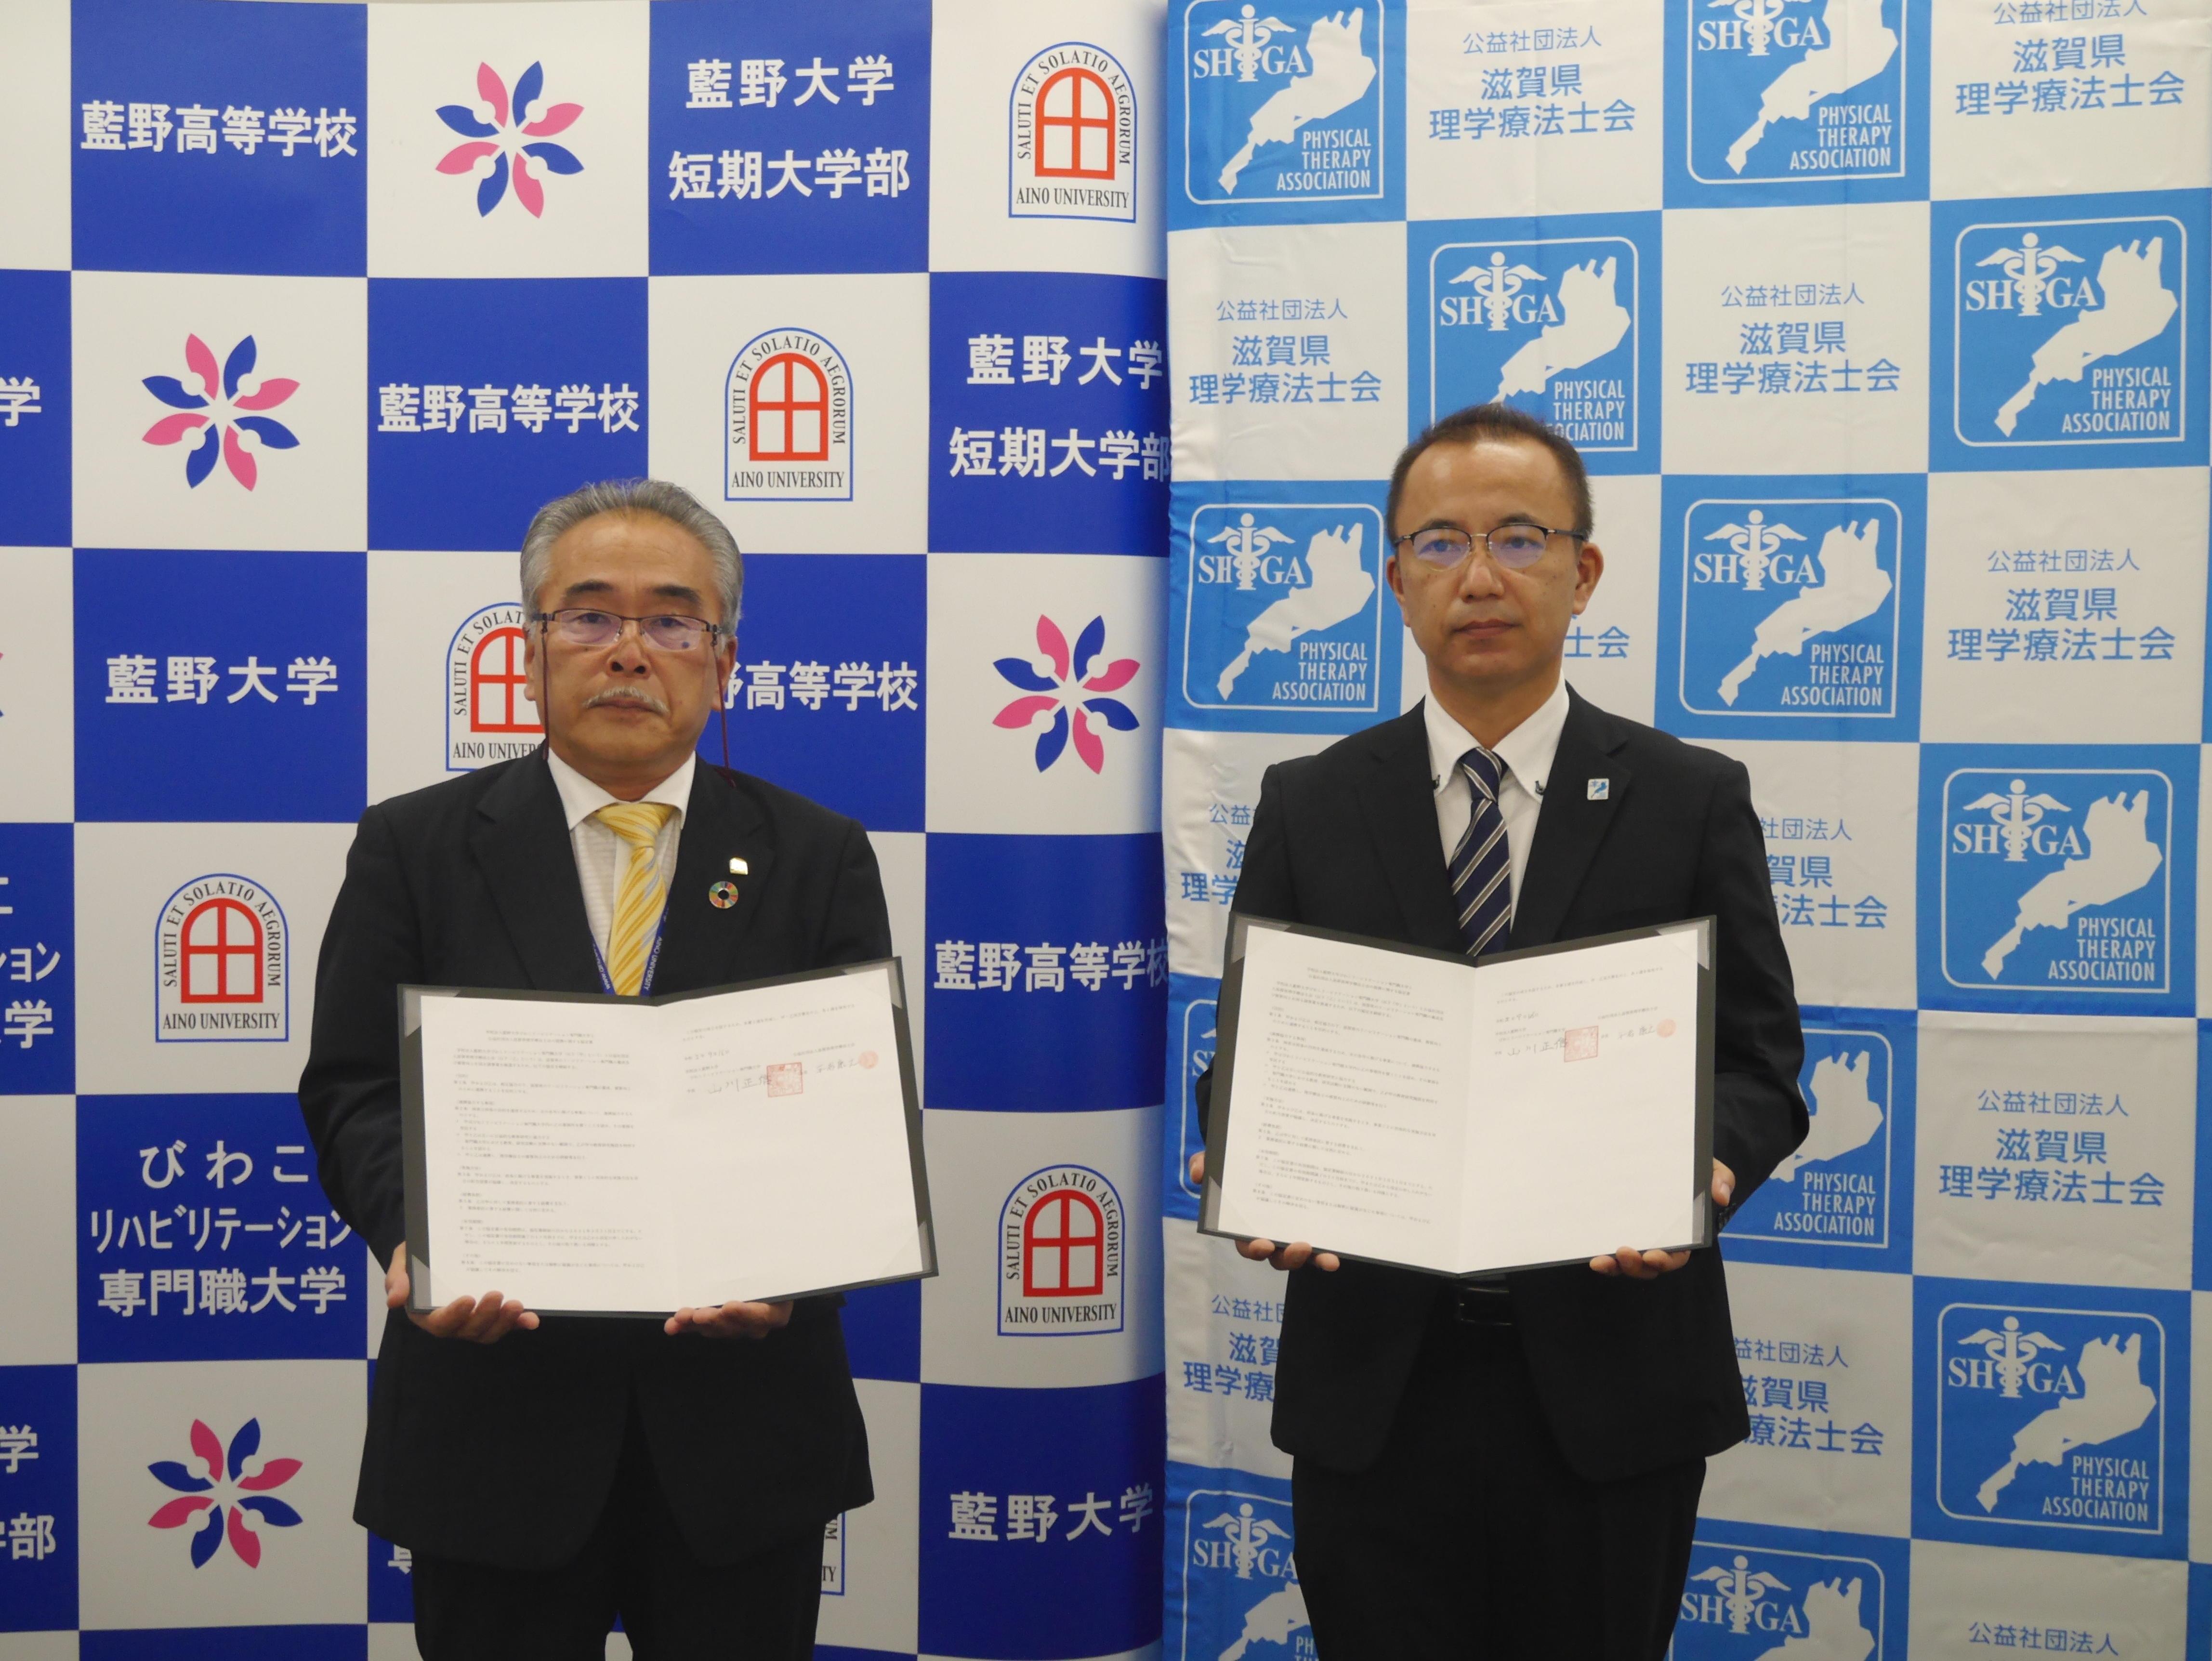 びわこリハビリテーション専門職大学と公益社団法人滋賀県理学療法士会が連携協力に関する協定書を調印